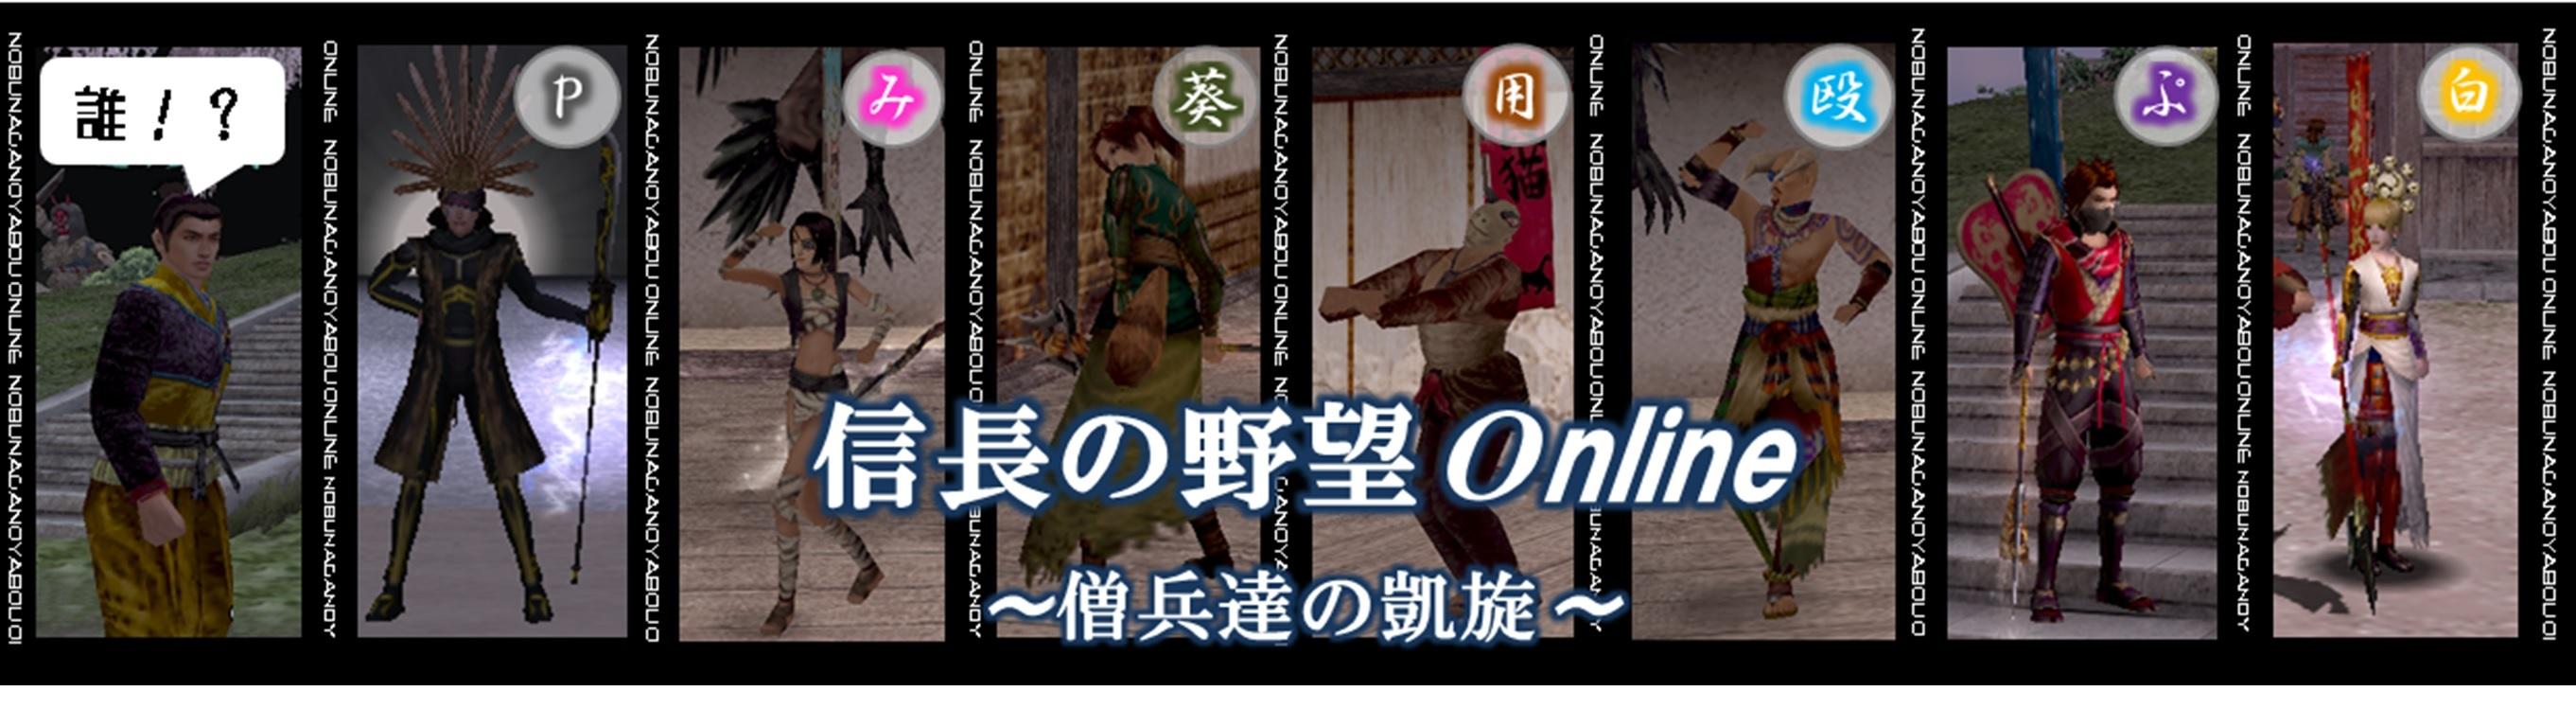 souheytachino_gaisen201807.jpg